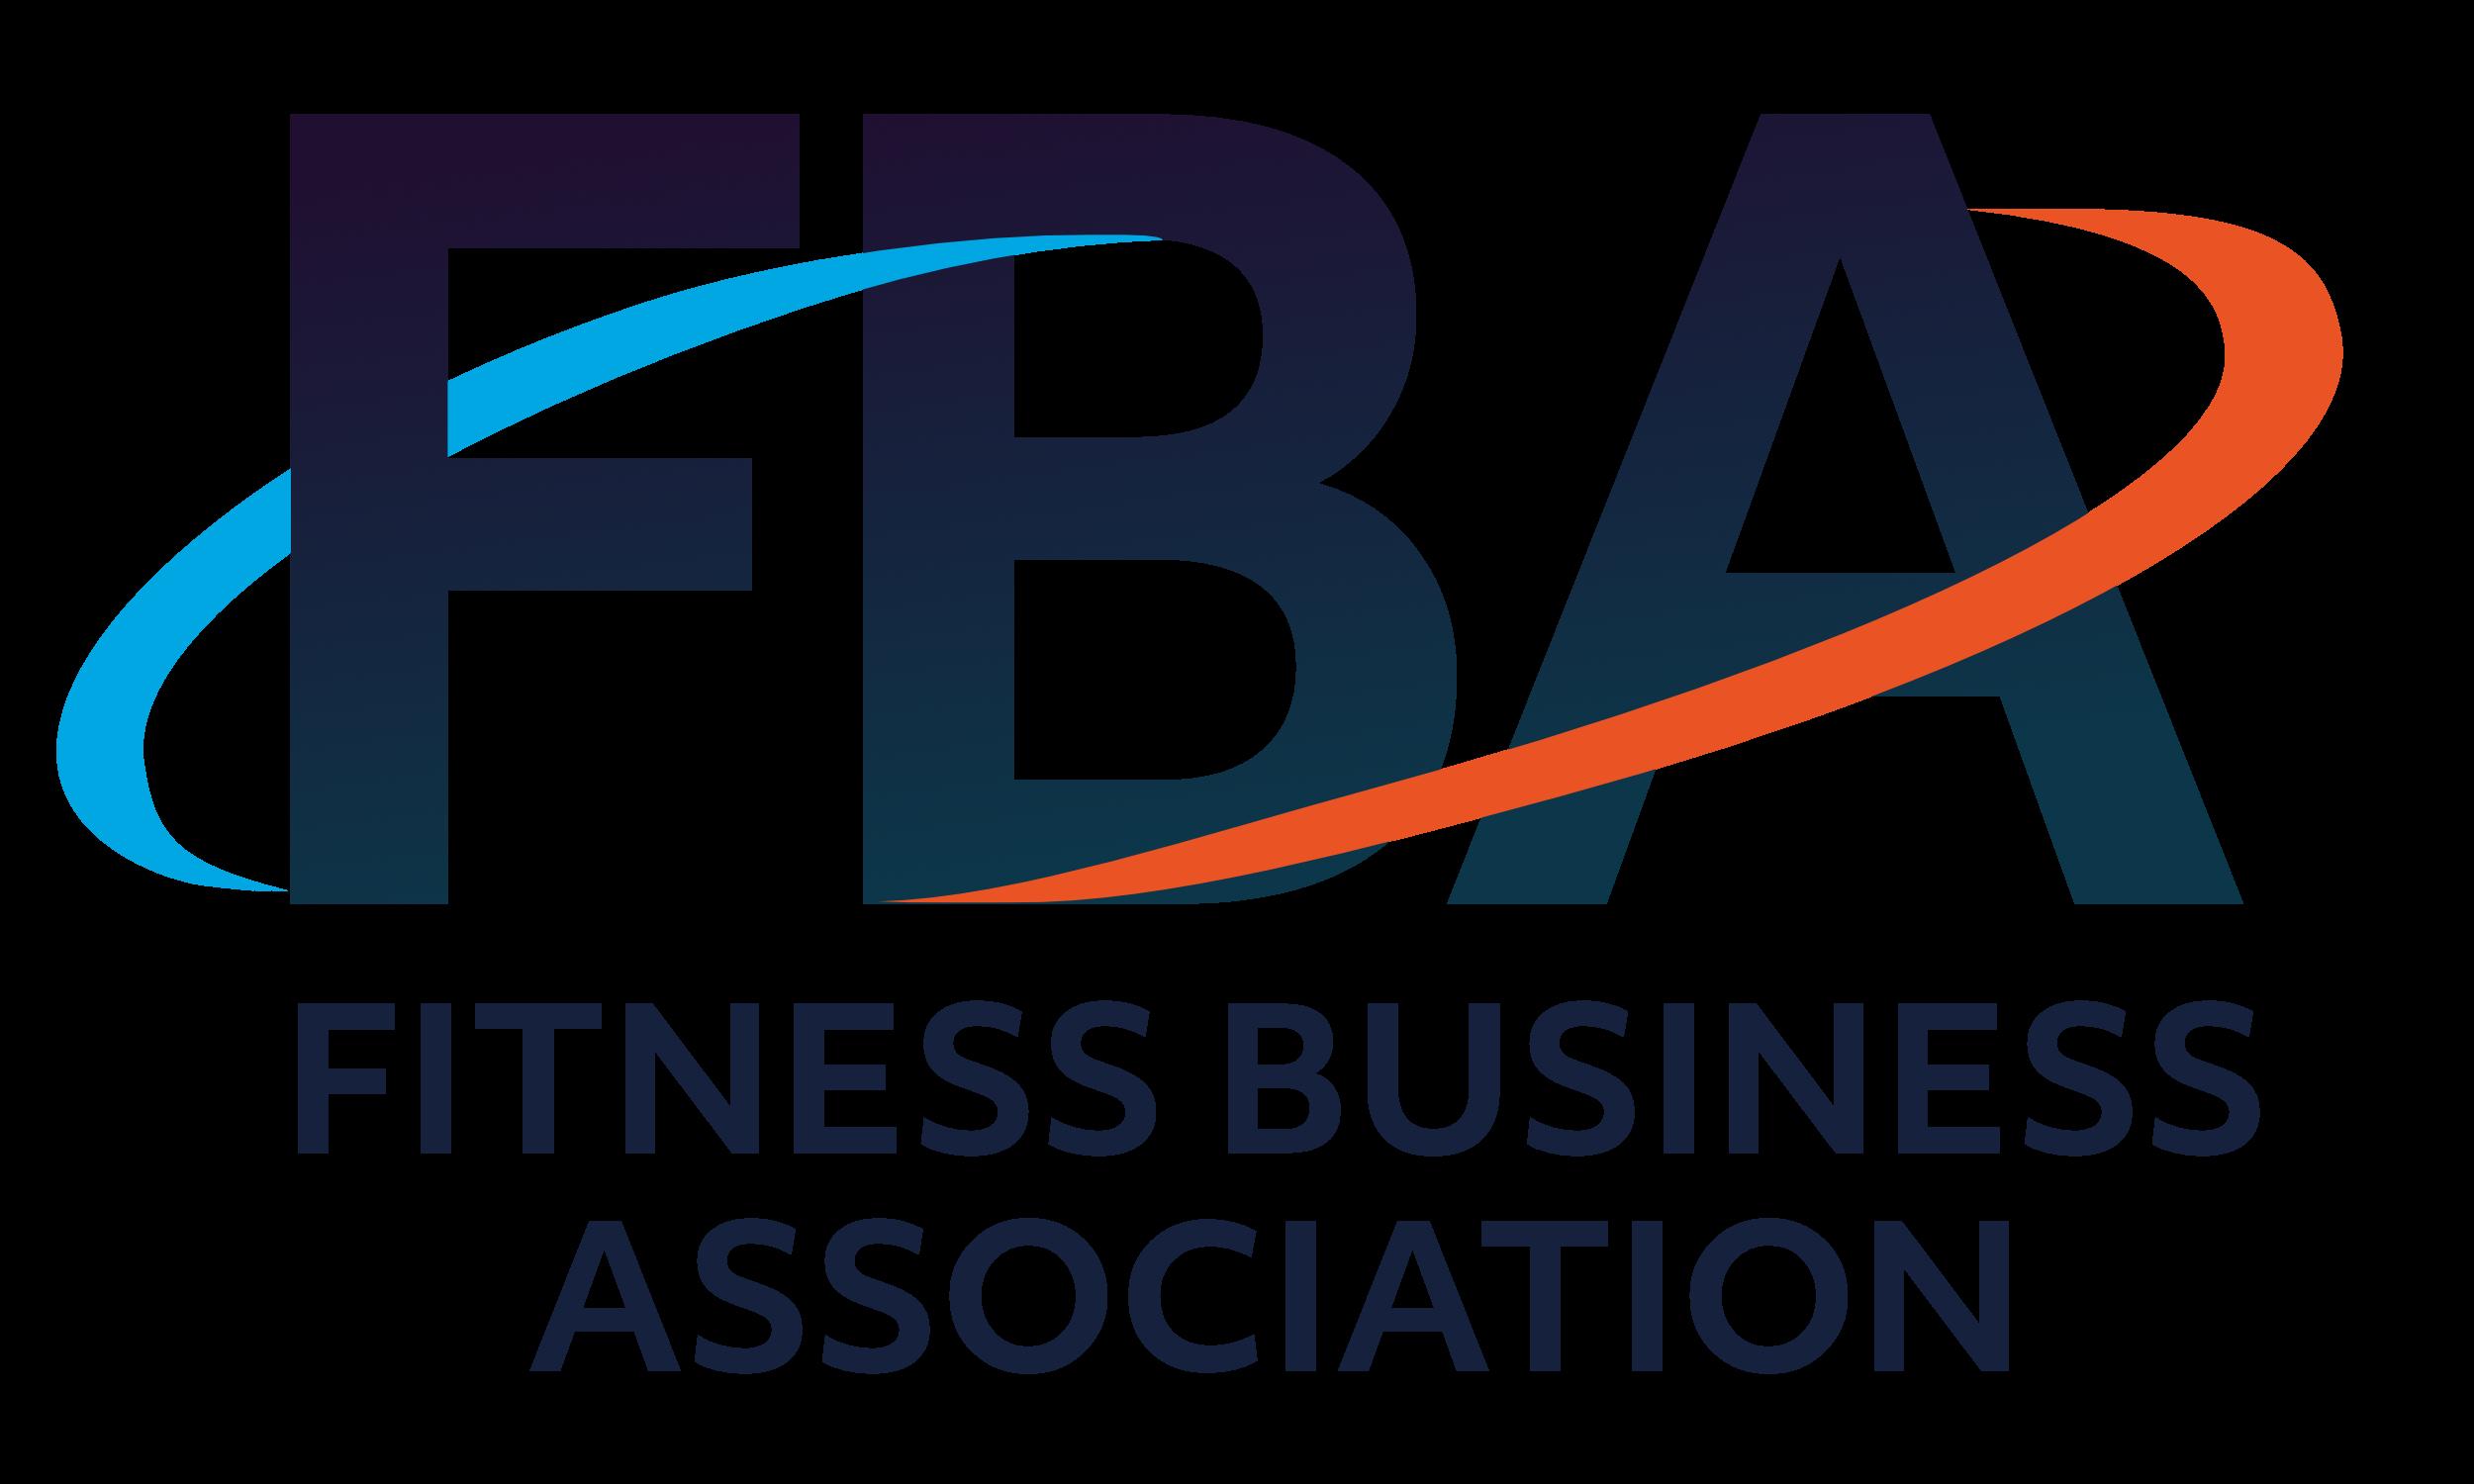 Fitness Business Association